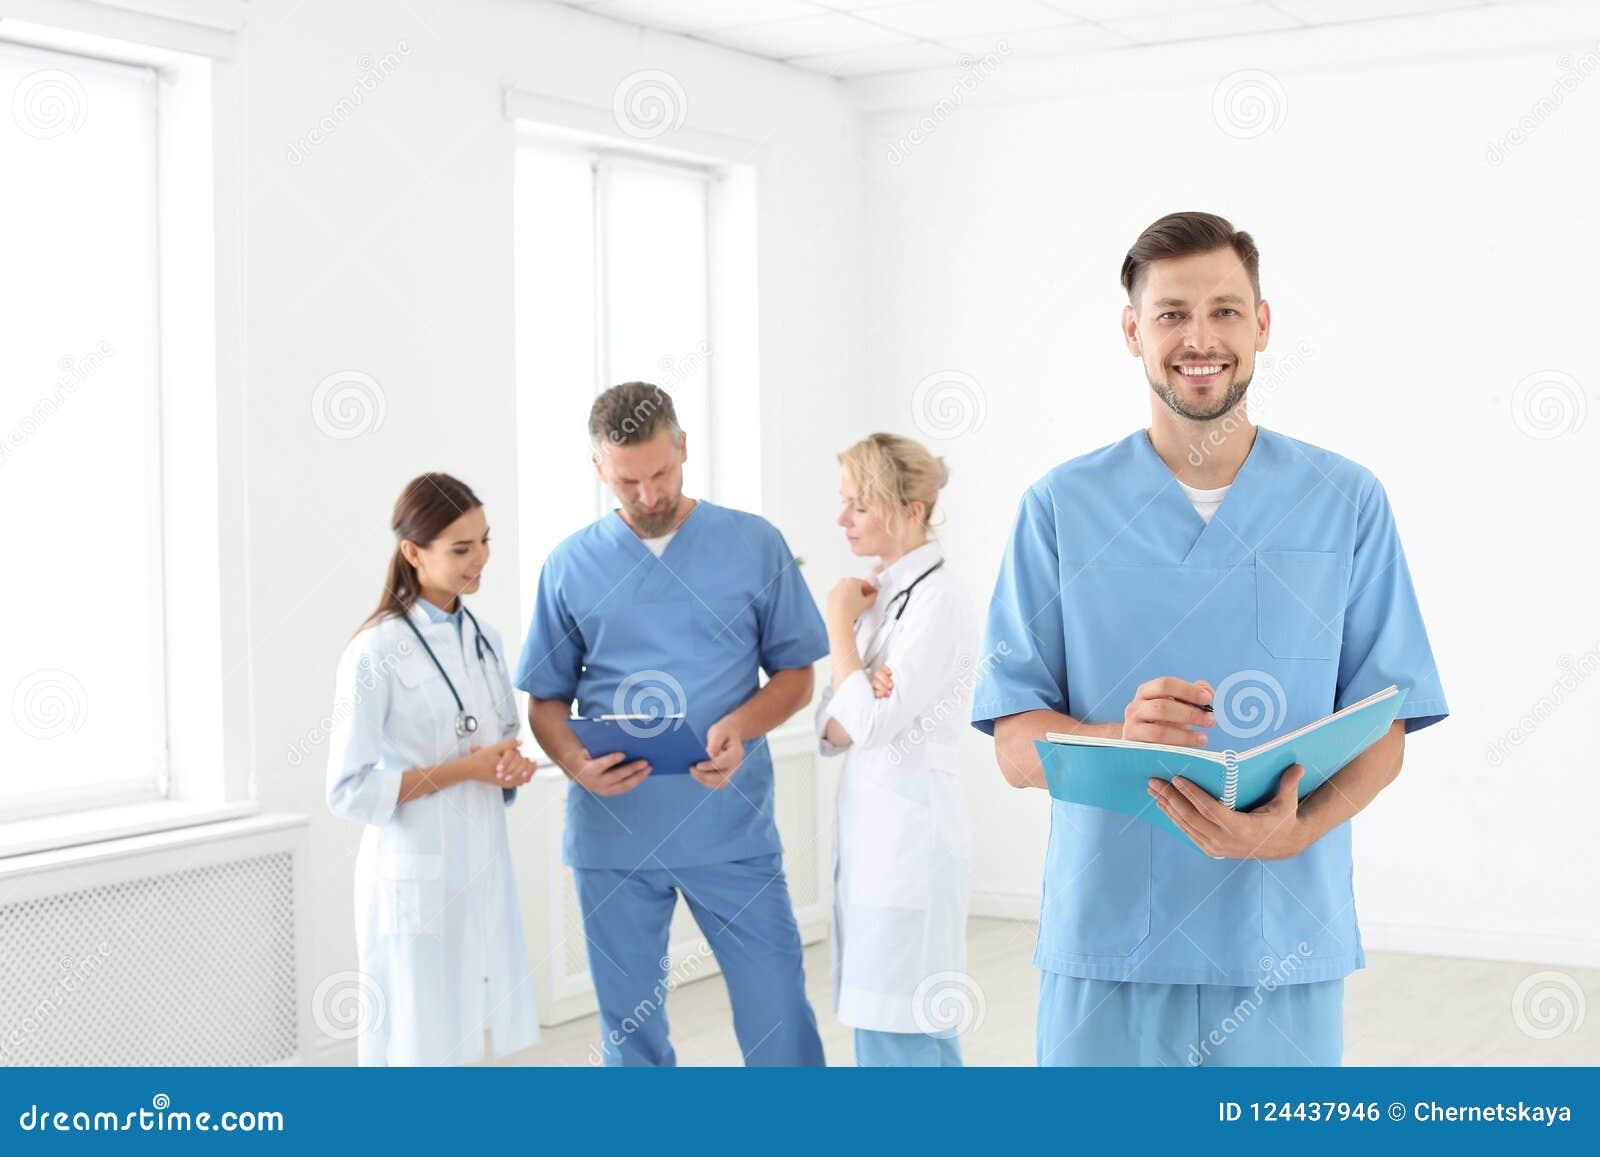 医生和医学助理诊所的